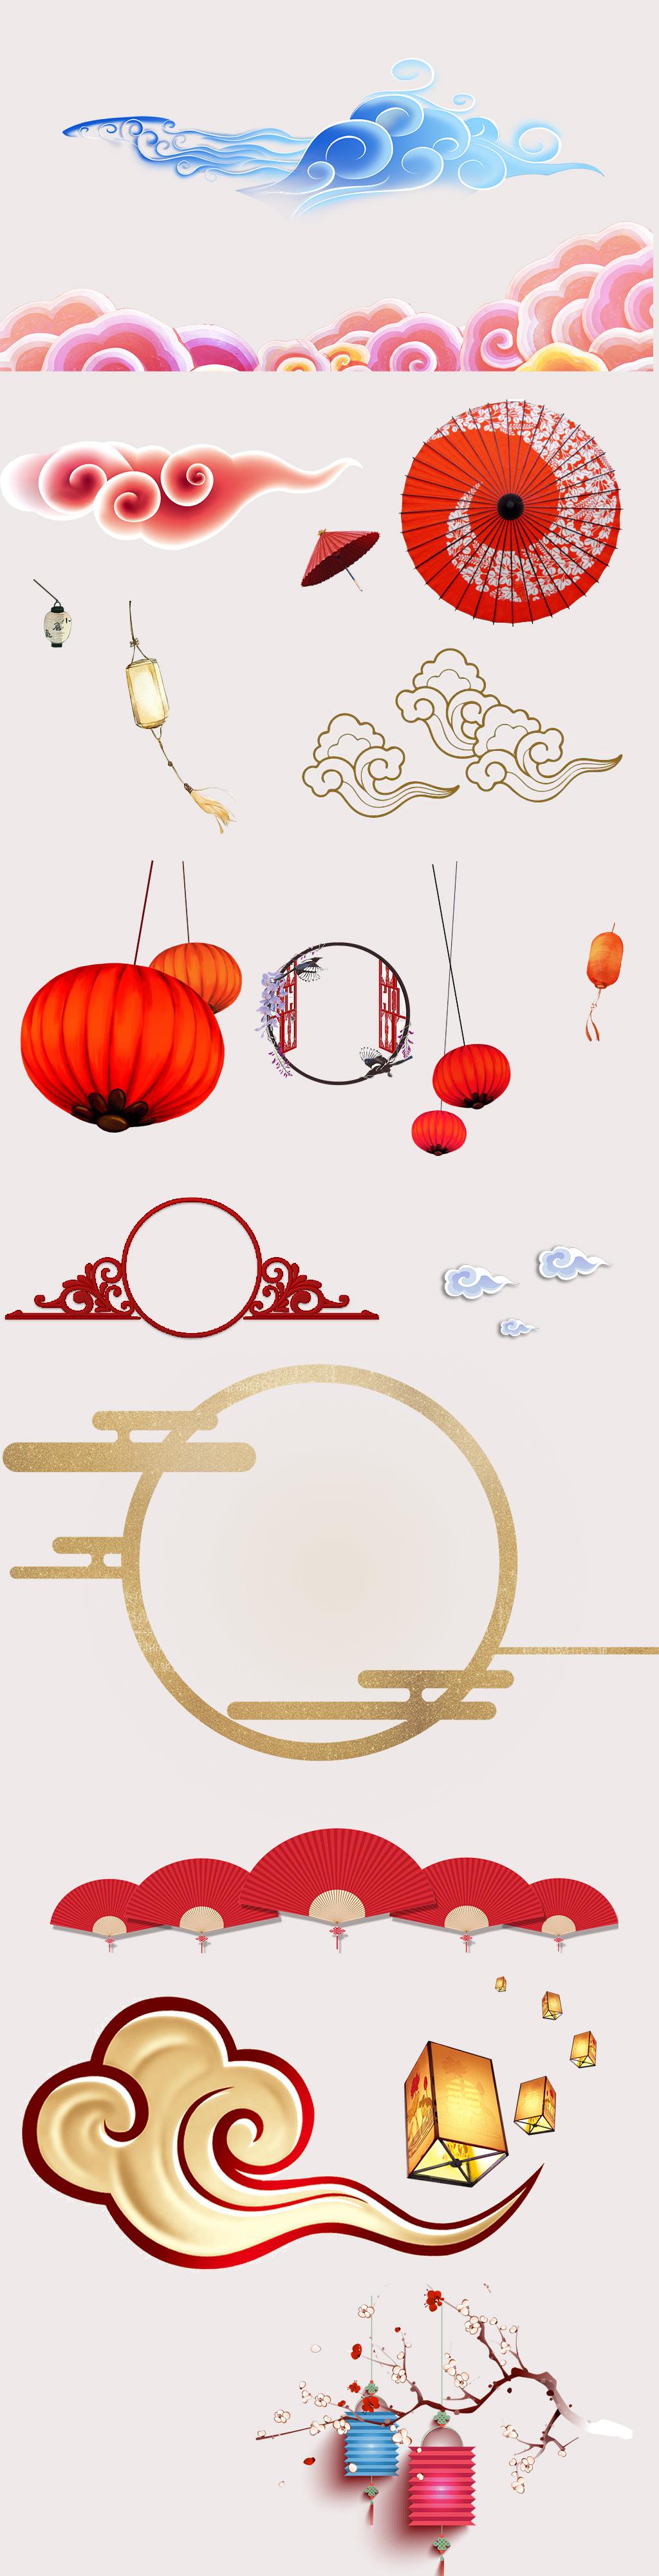 中秋节中国风祥云边框png素材集合